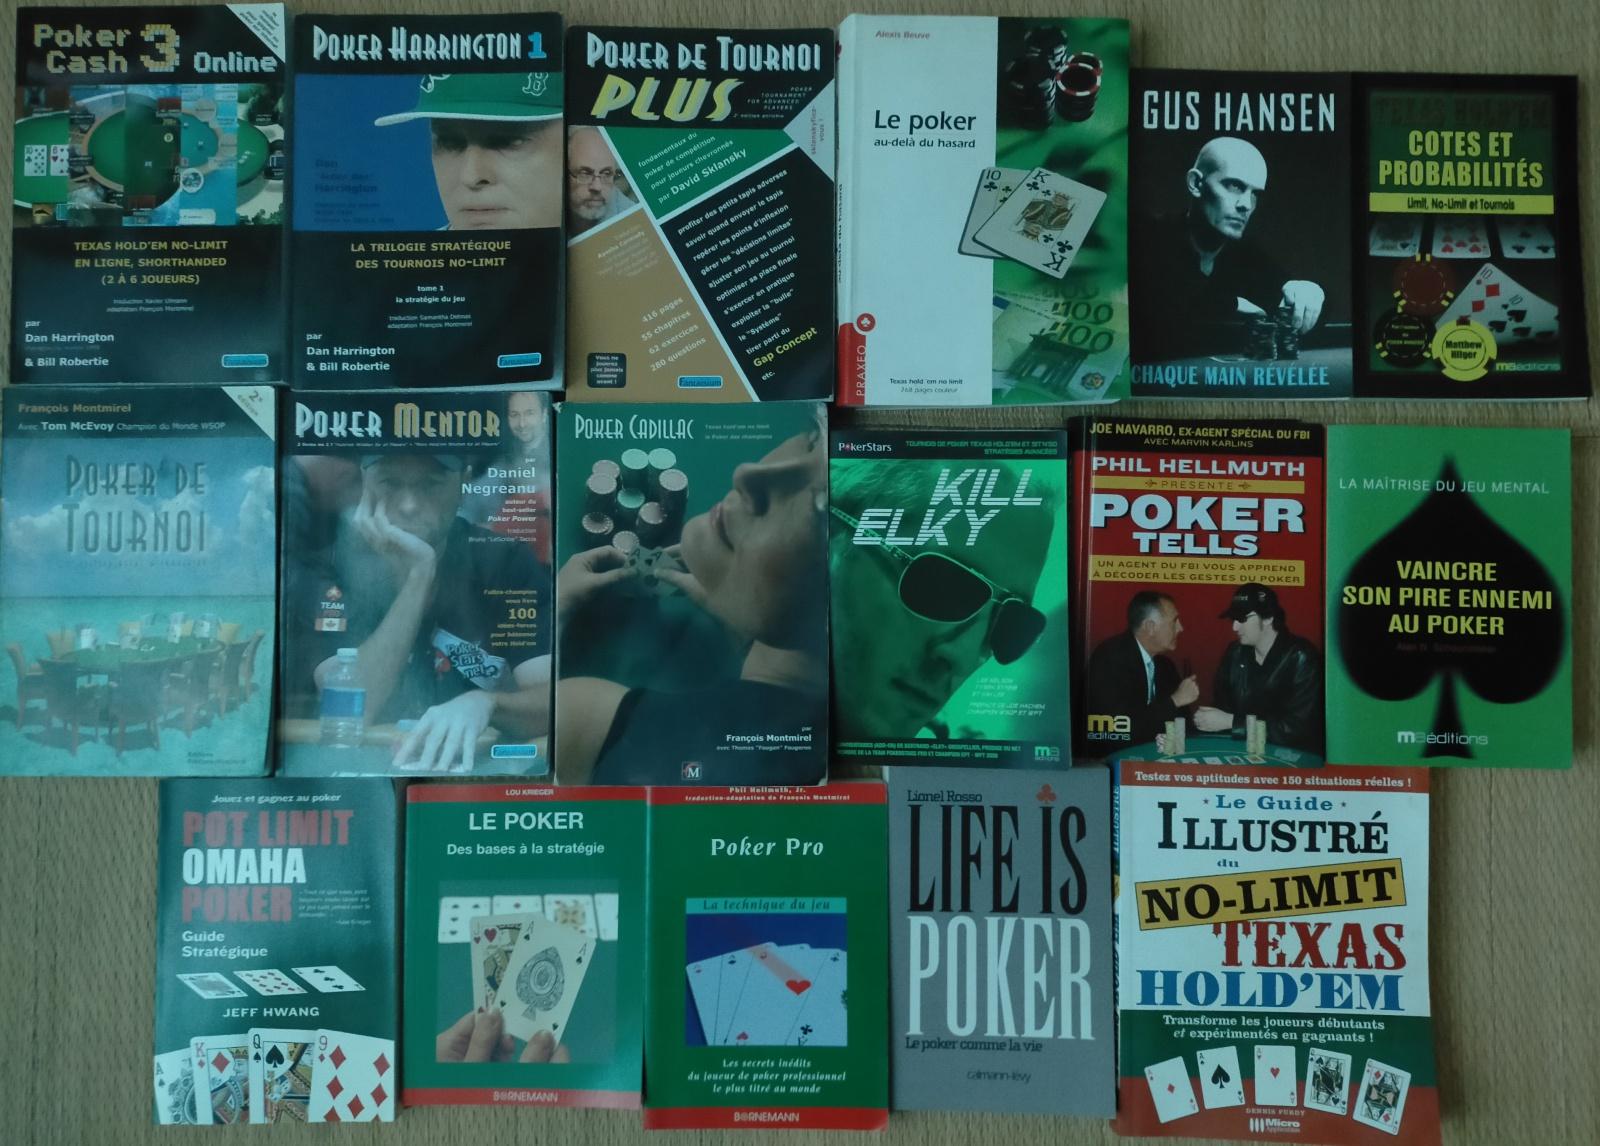 Poker_livres_2.jpg